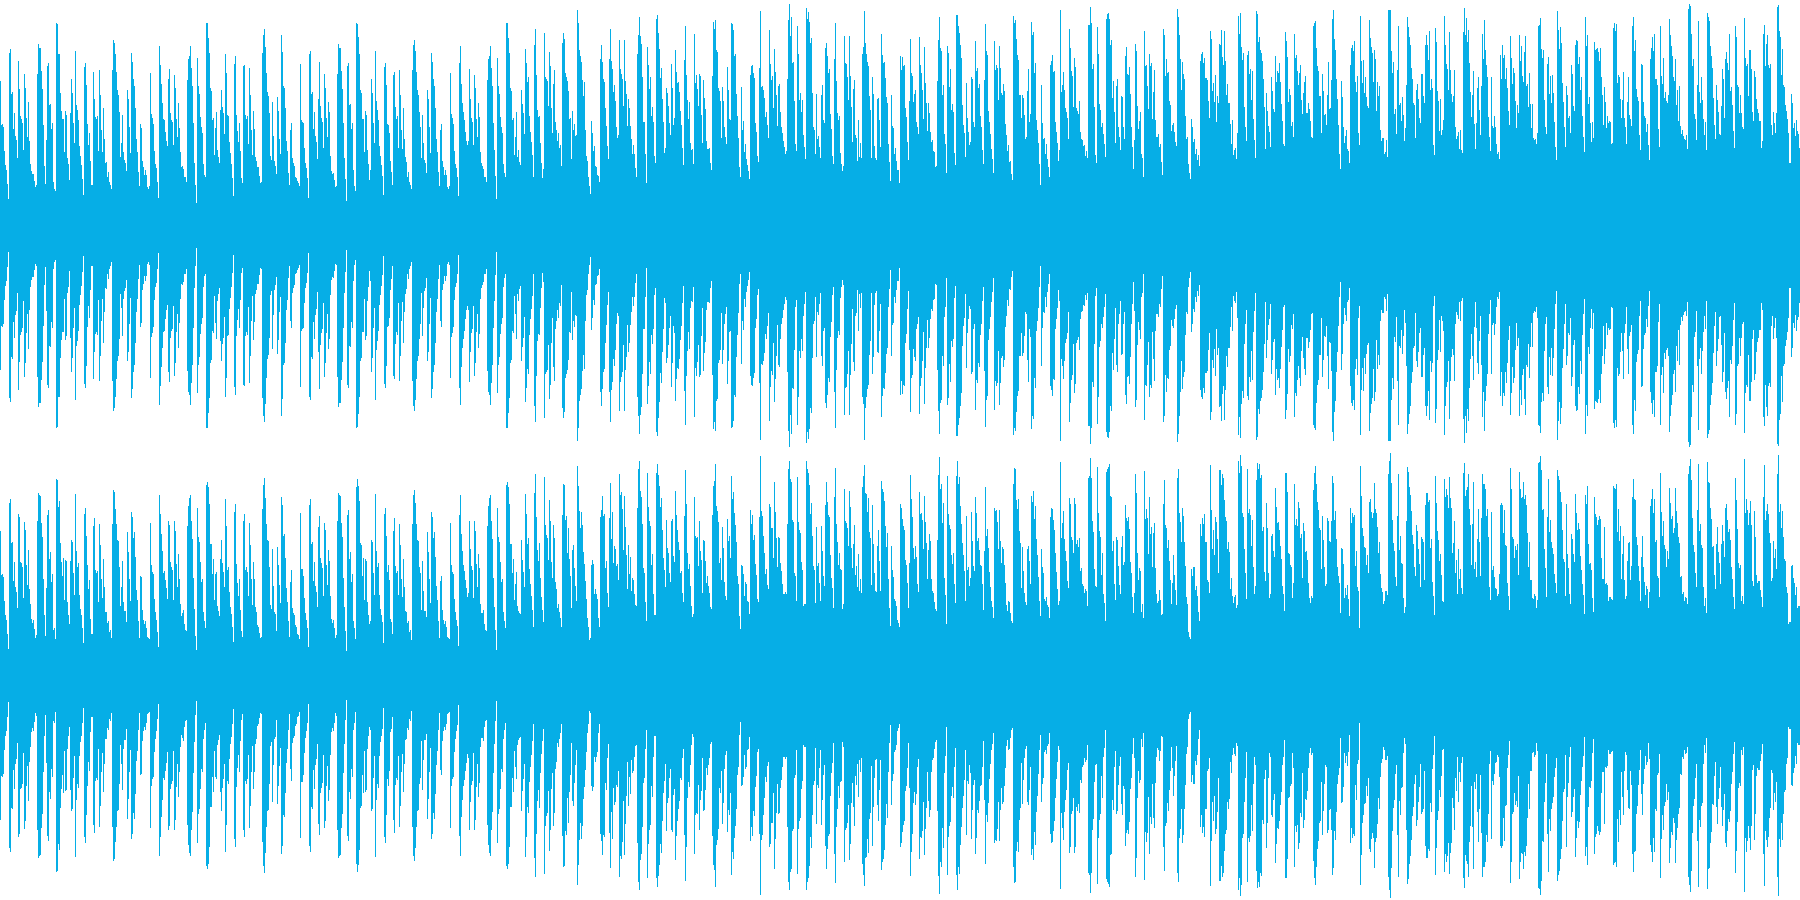 勇ましい感じな曲(ループ仕様)の再生済みの波形